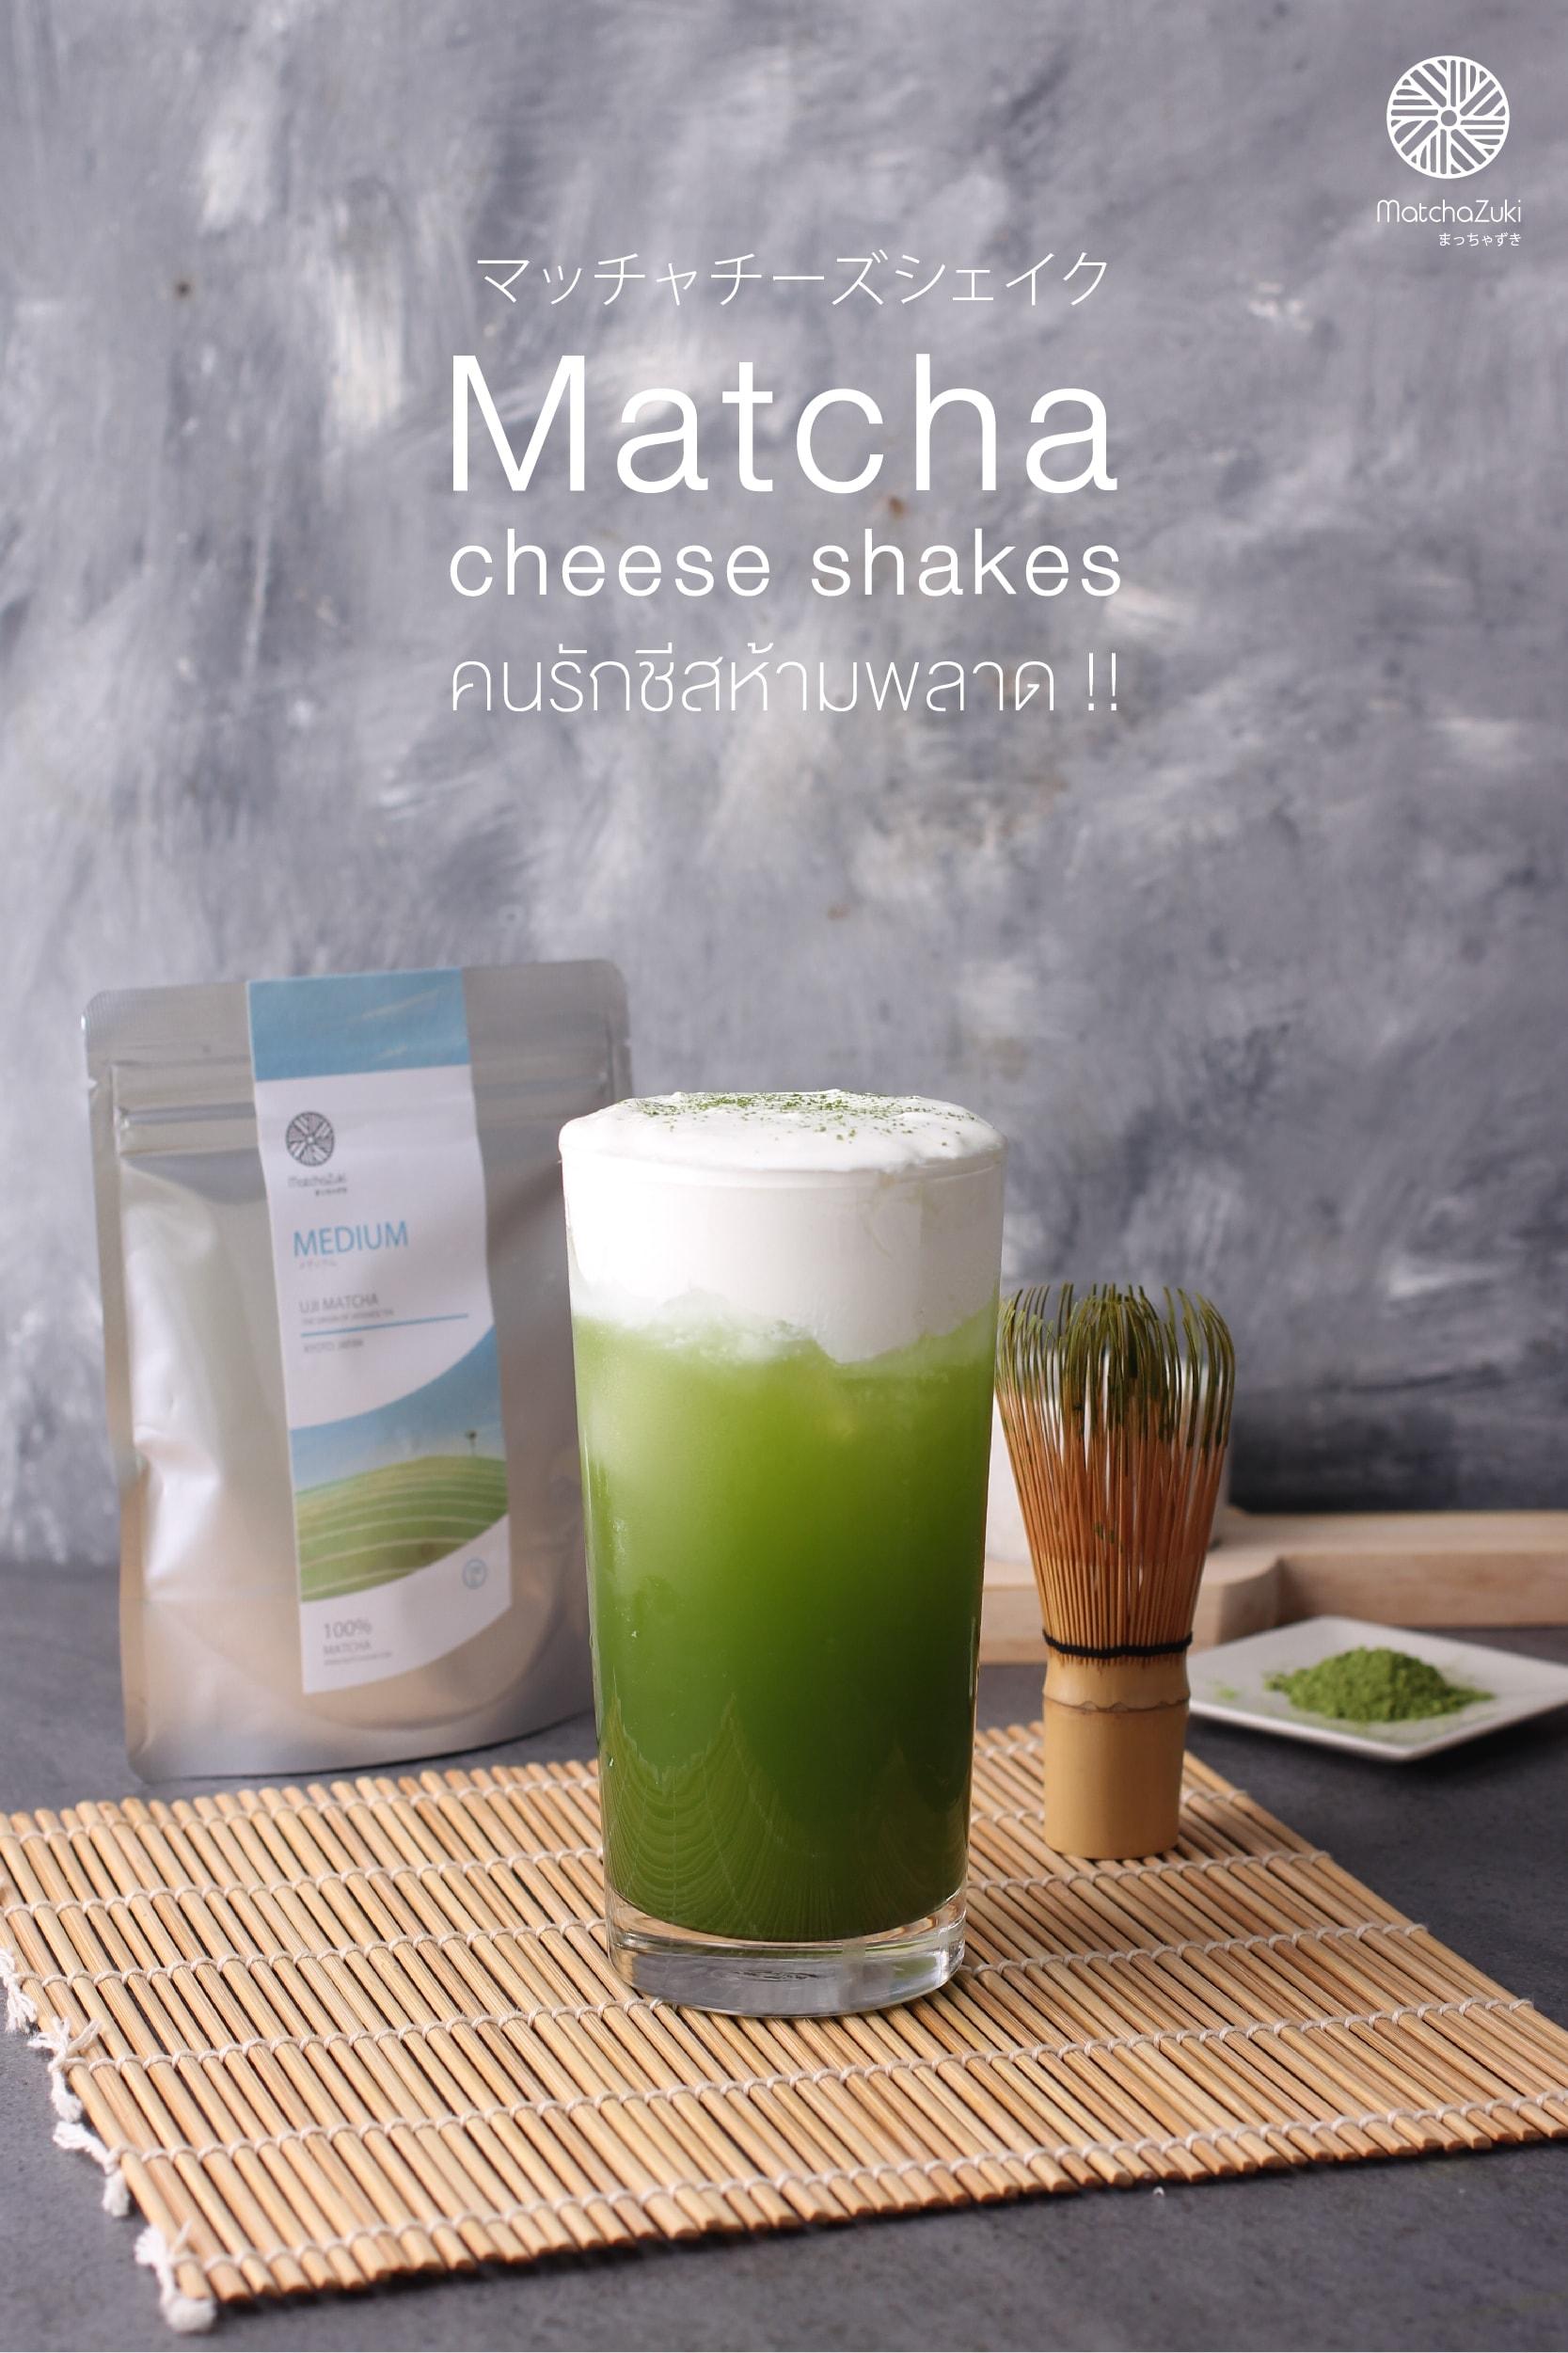 Matcha cheese shake